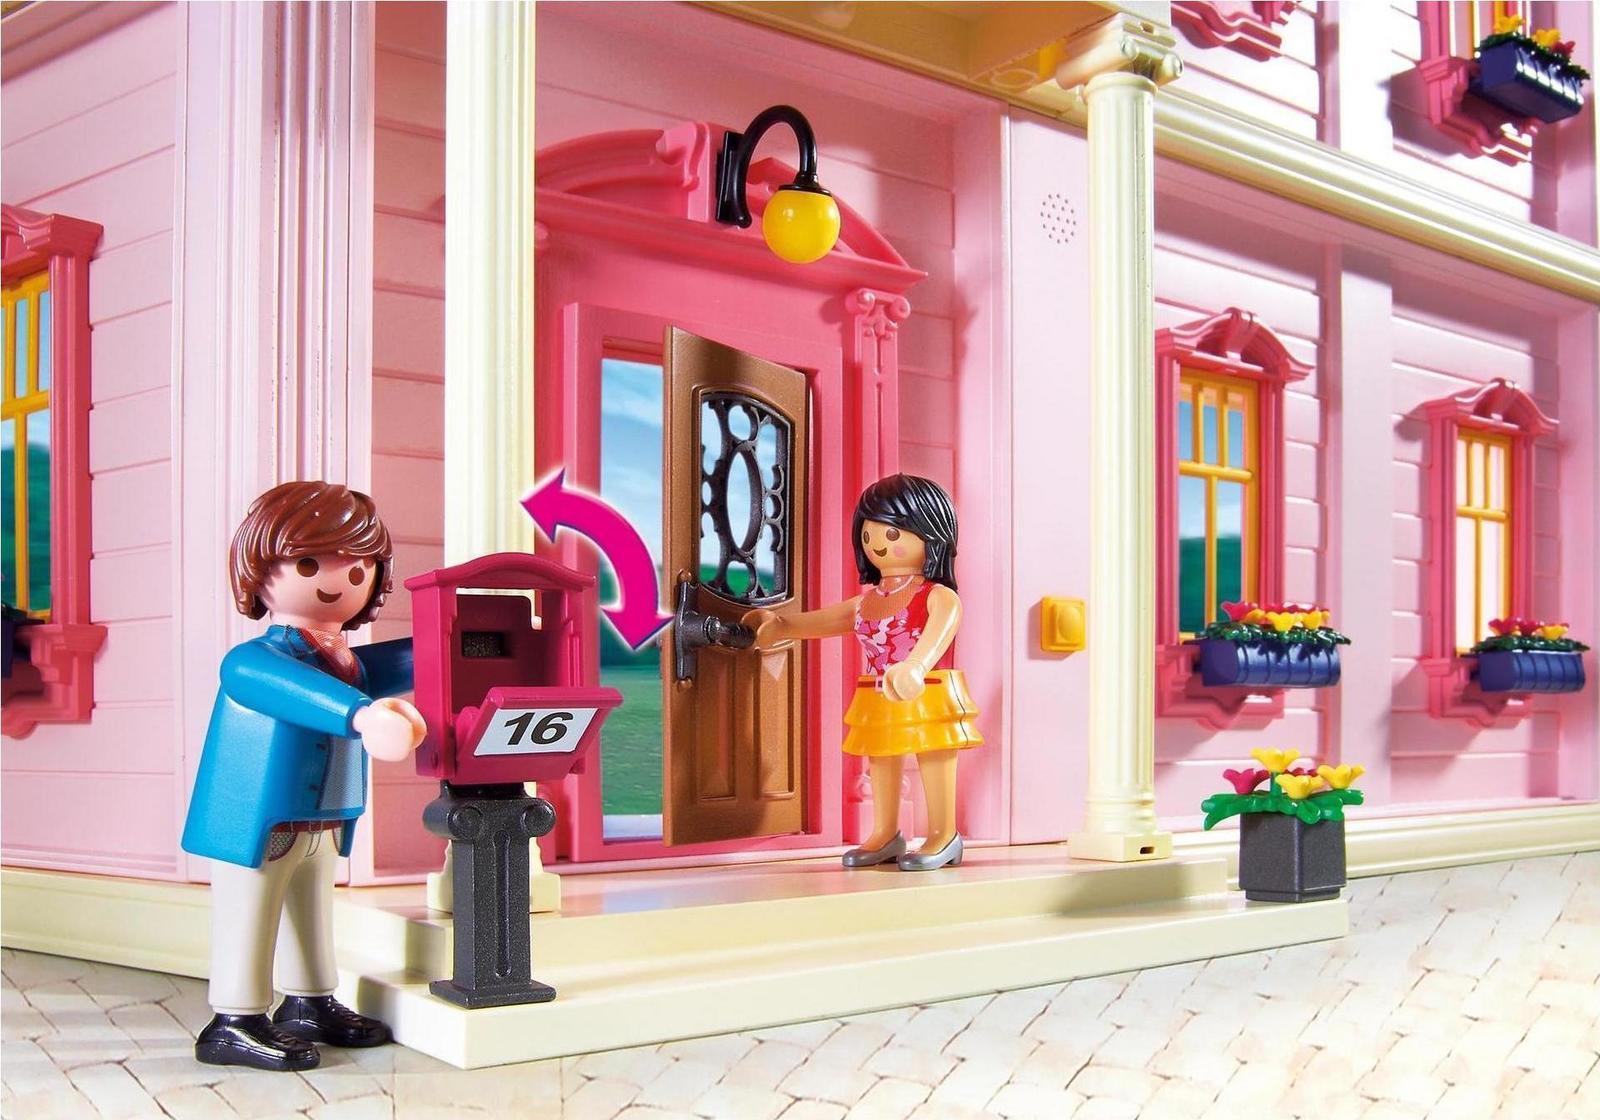 Playmobil - Gran casa de munecas playmobil ...